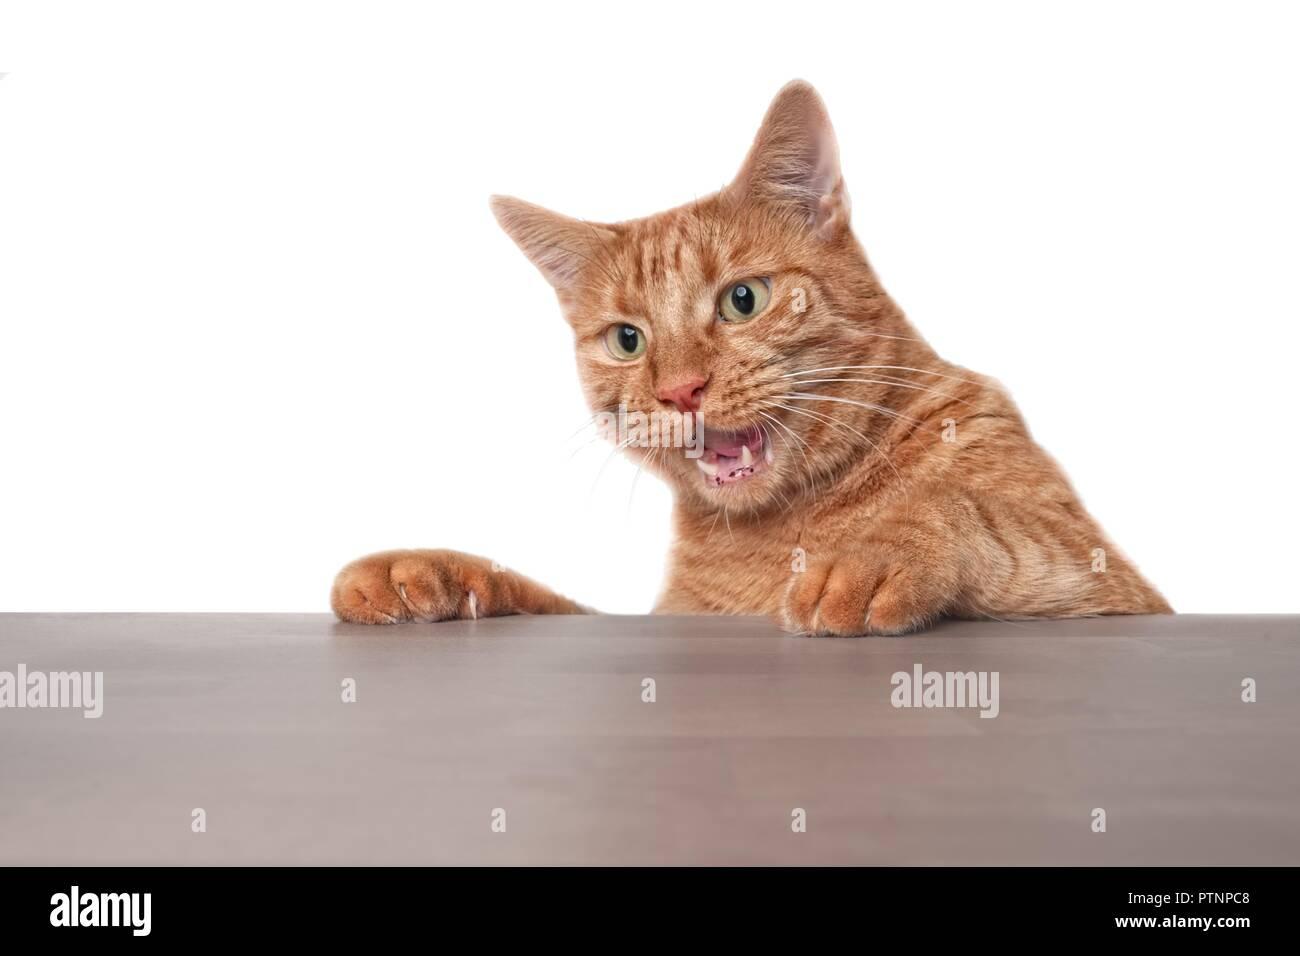 Lo zenzero divertente gatto cercando sorpreso al tavolo. Immagini Stock